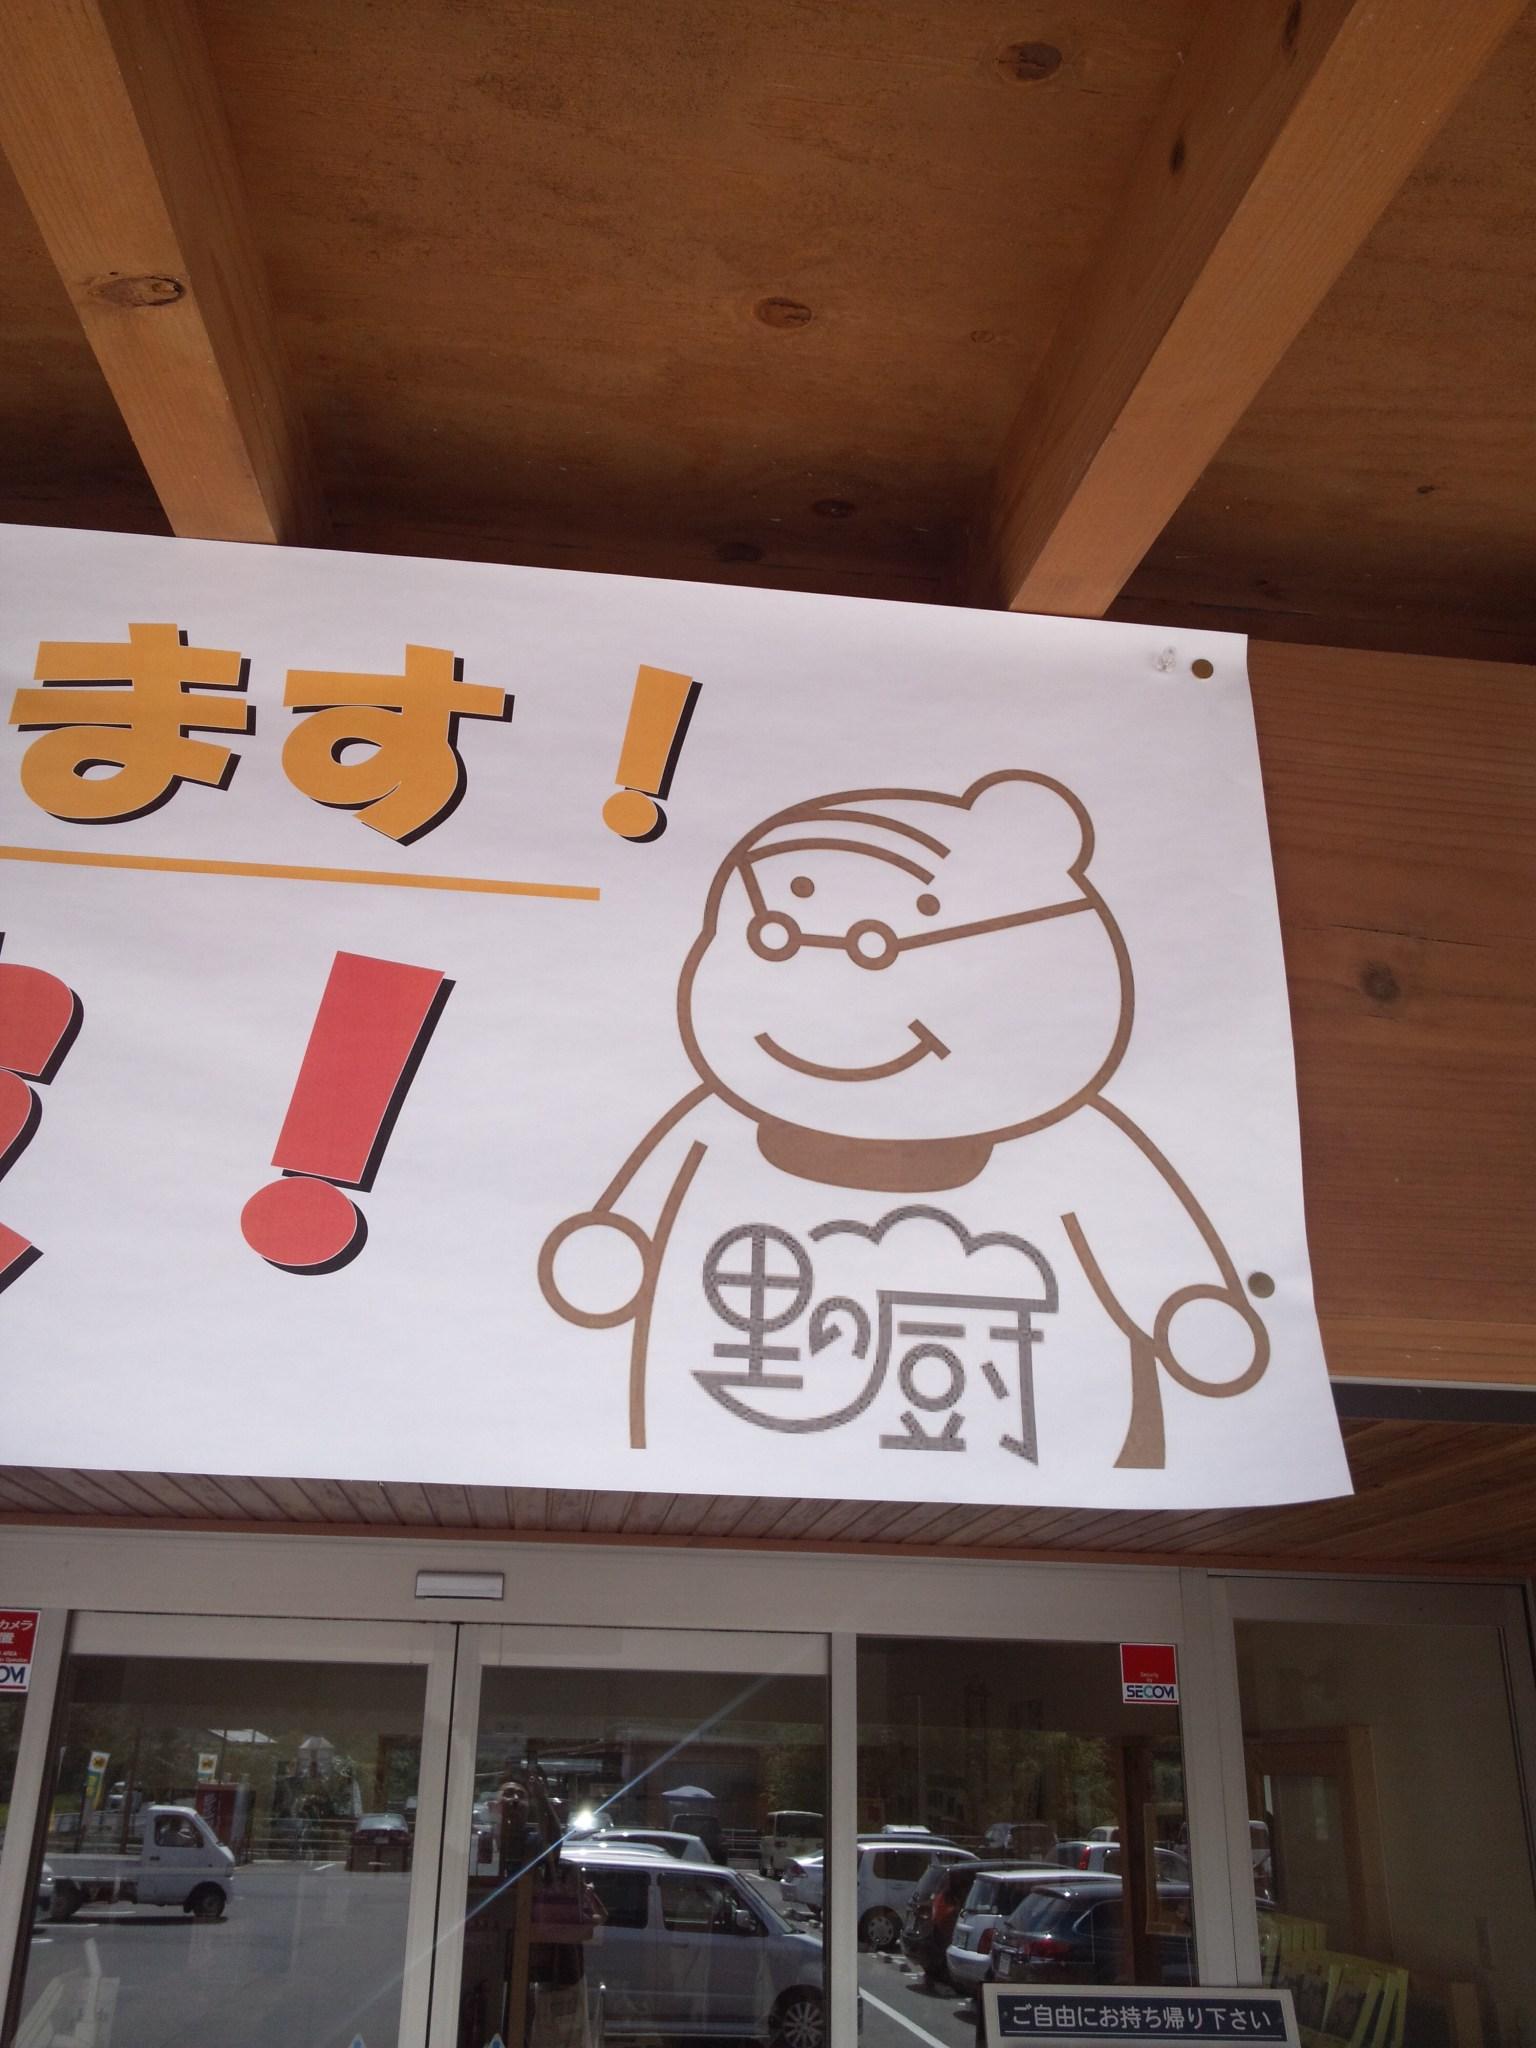 道の駅キャラクター_c0001670_22503154.jpg